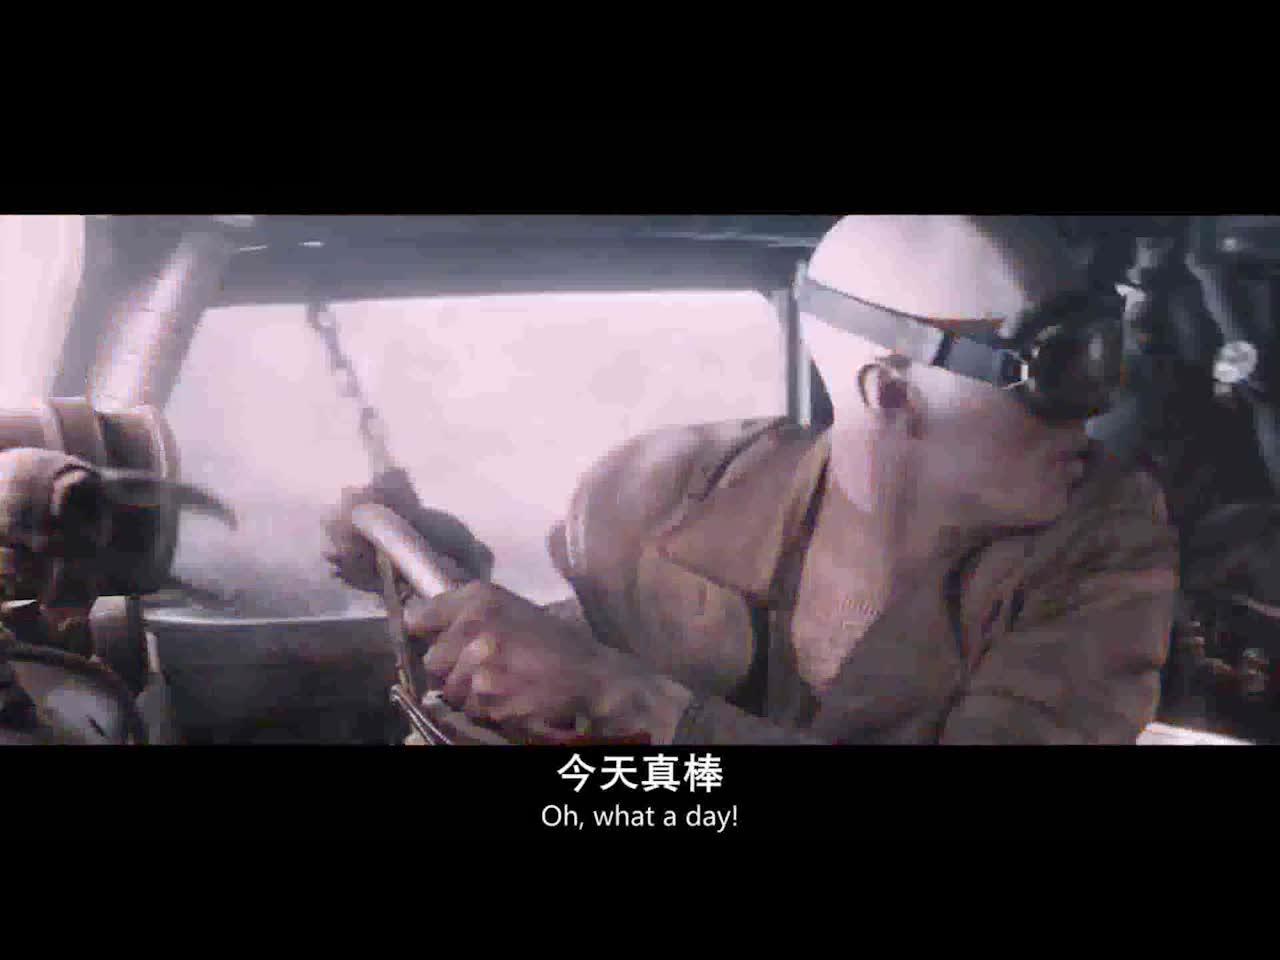 #高能 电影片段#不就是看到别人的车被暴风给摧毁了吗,老哥你在发什么神经